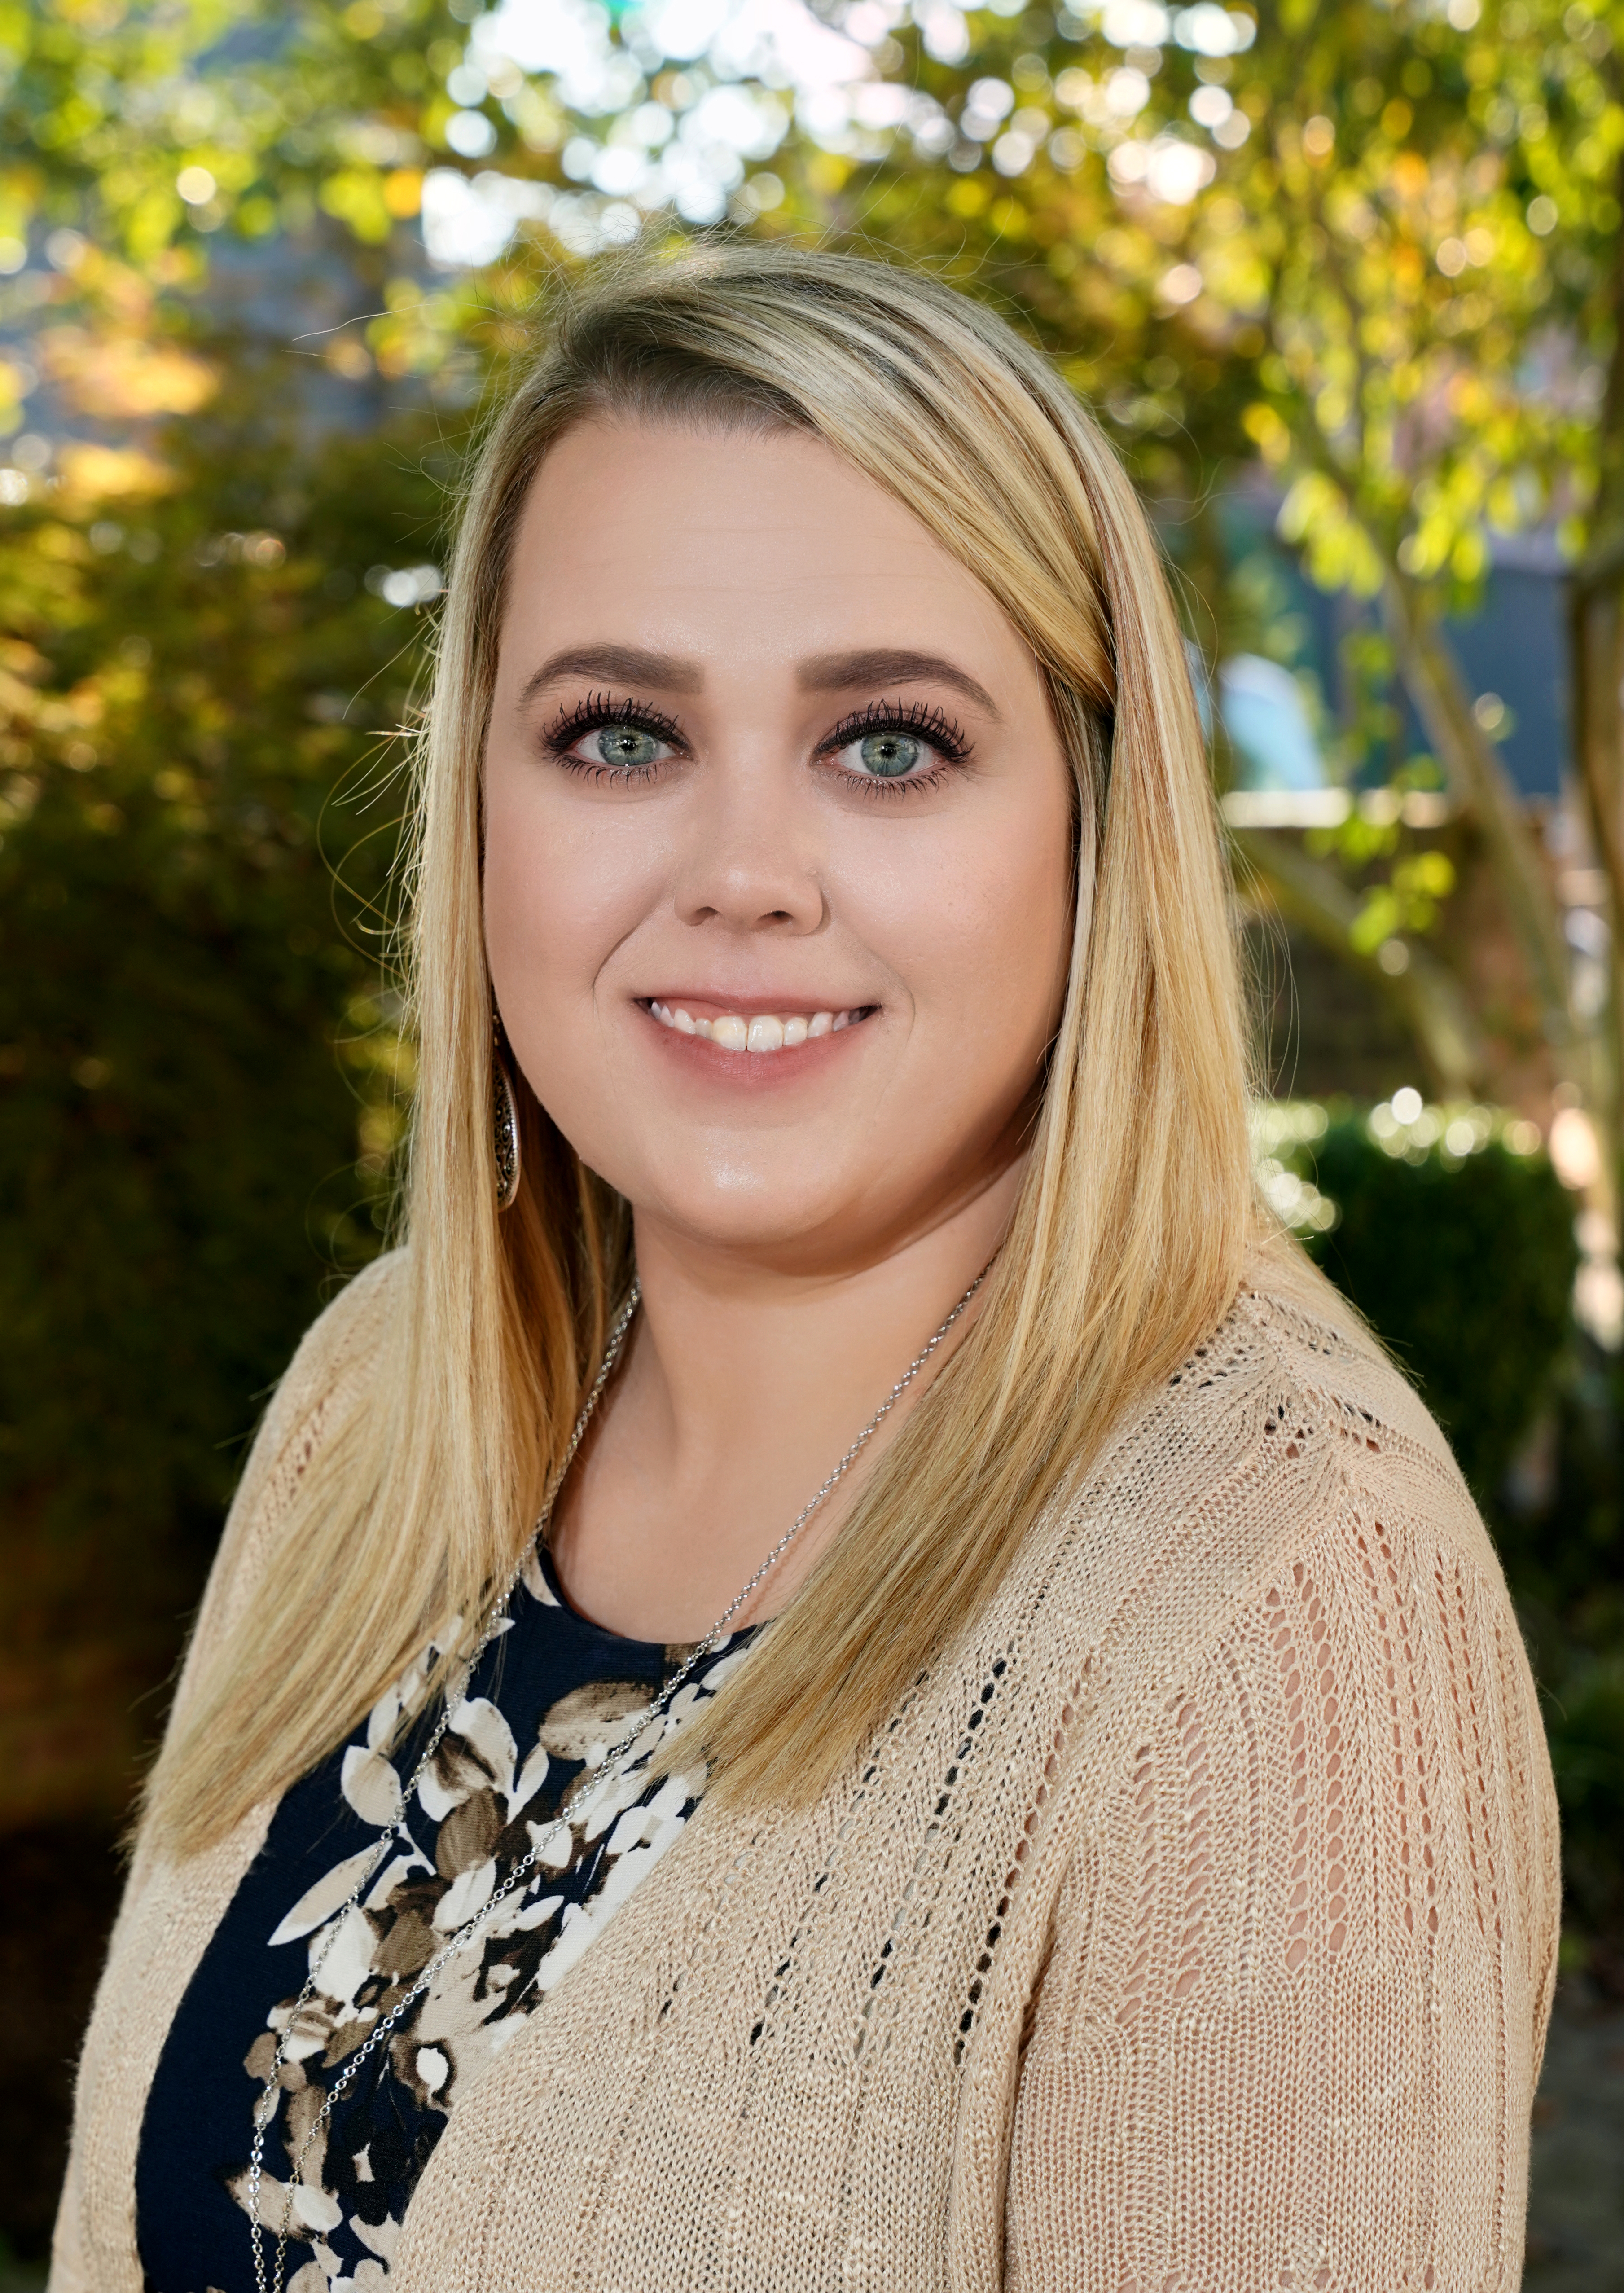 Katie Inscore